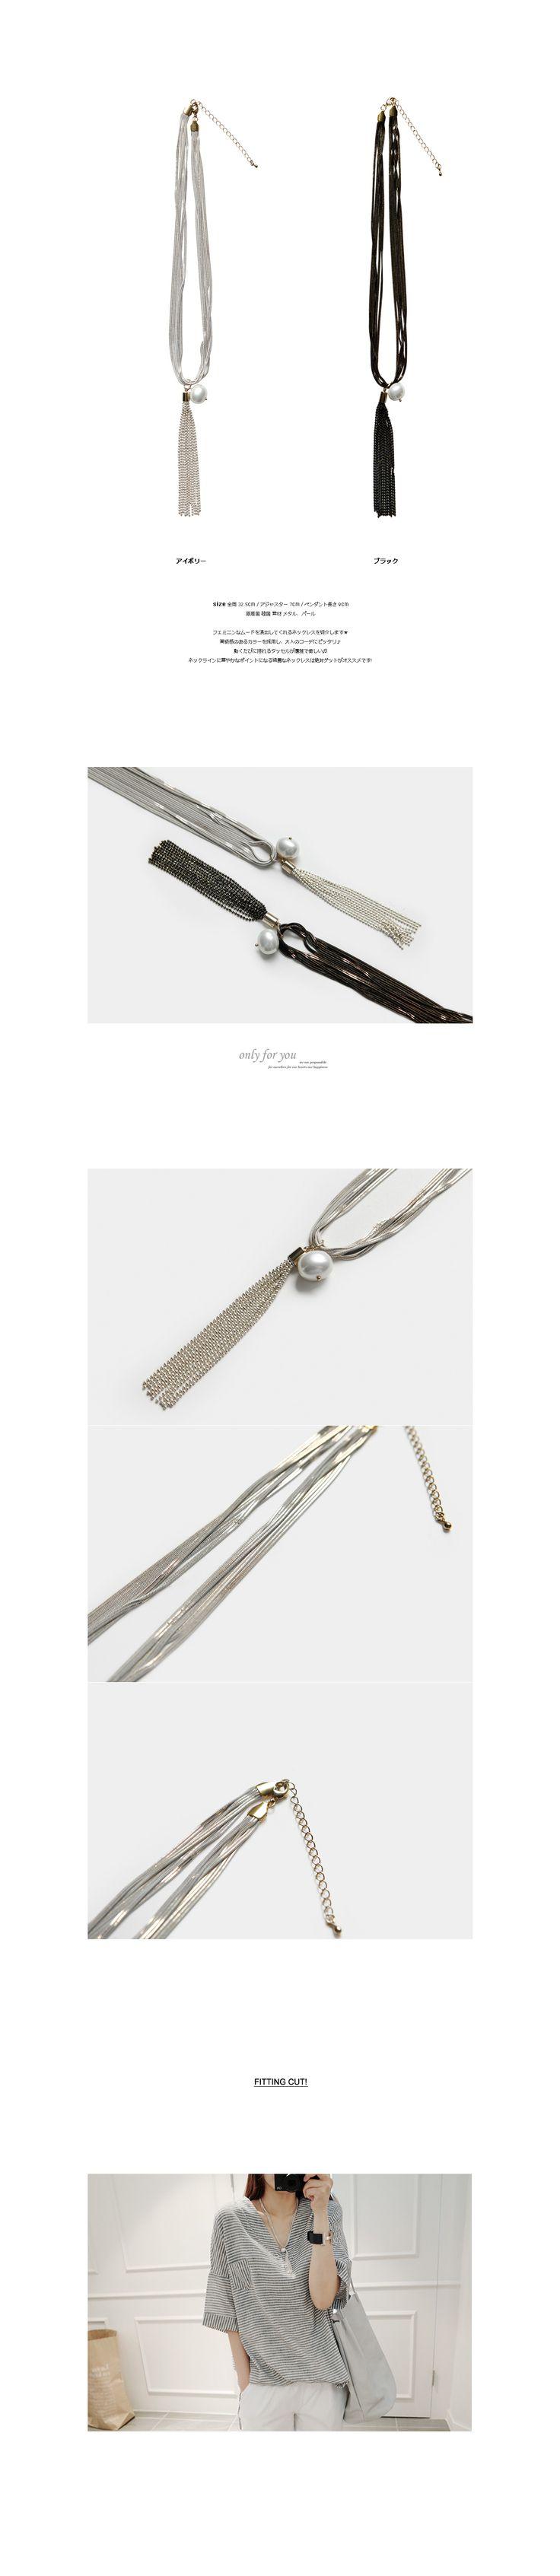 ビジュータッセルネックレス|フェミニンなムードを演出してくれるネックレスを紹介します★ 高級感のあるカラーを採用し、大人のコーデにピッタリ♪ 動くたびに揺れるタッセルが優雅で美しい♬ ネックラインに華やかなポイントになる綺麗なネックレスは絶対ゲットがオススメです!|